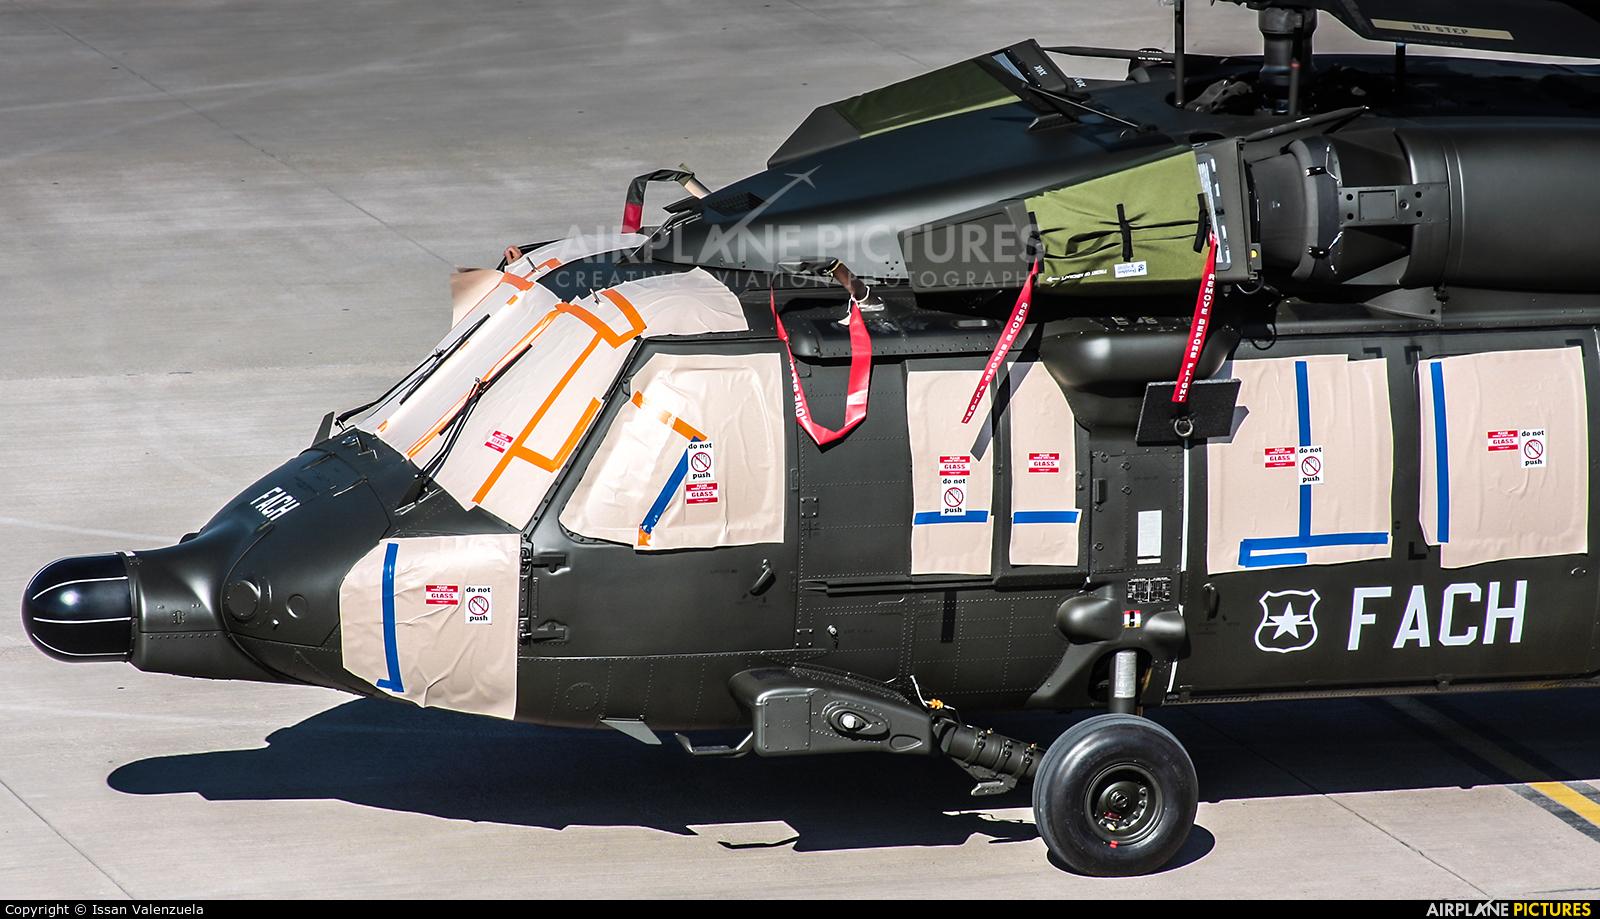 Chile - Air Force H-04 aircraft at Santiago de Chile - Arturo Merino Benítez Intl